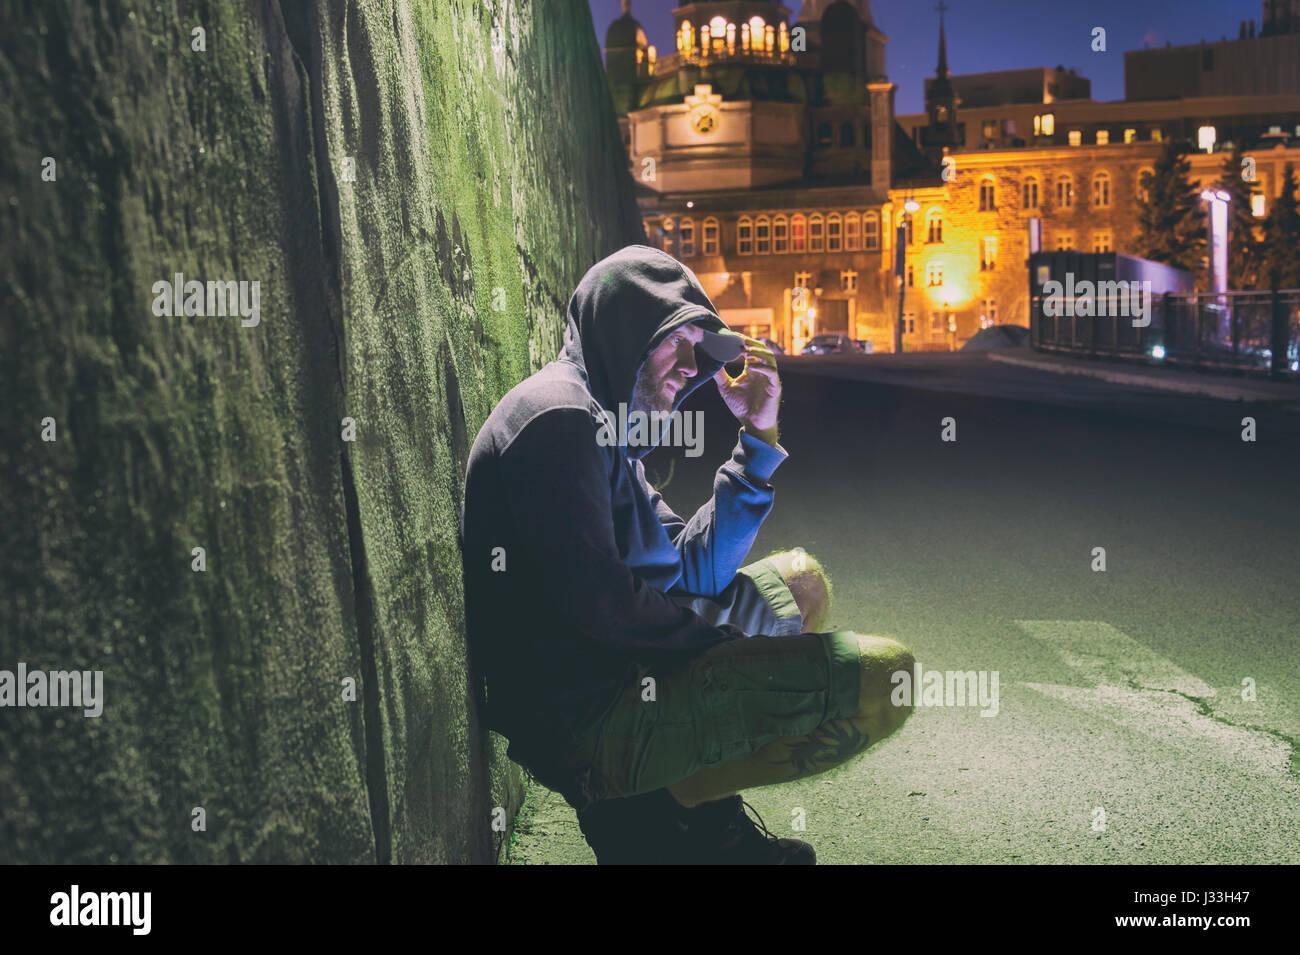 L'homme triste et solitaire avec hoodie assis contre un mur dans la nuit Photo Stock